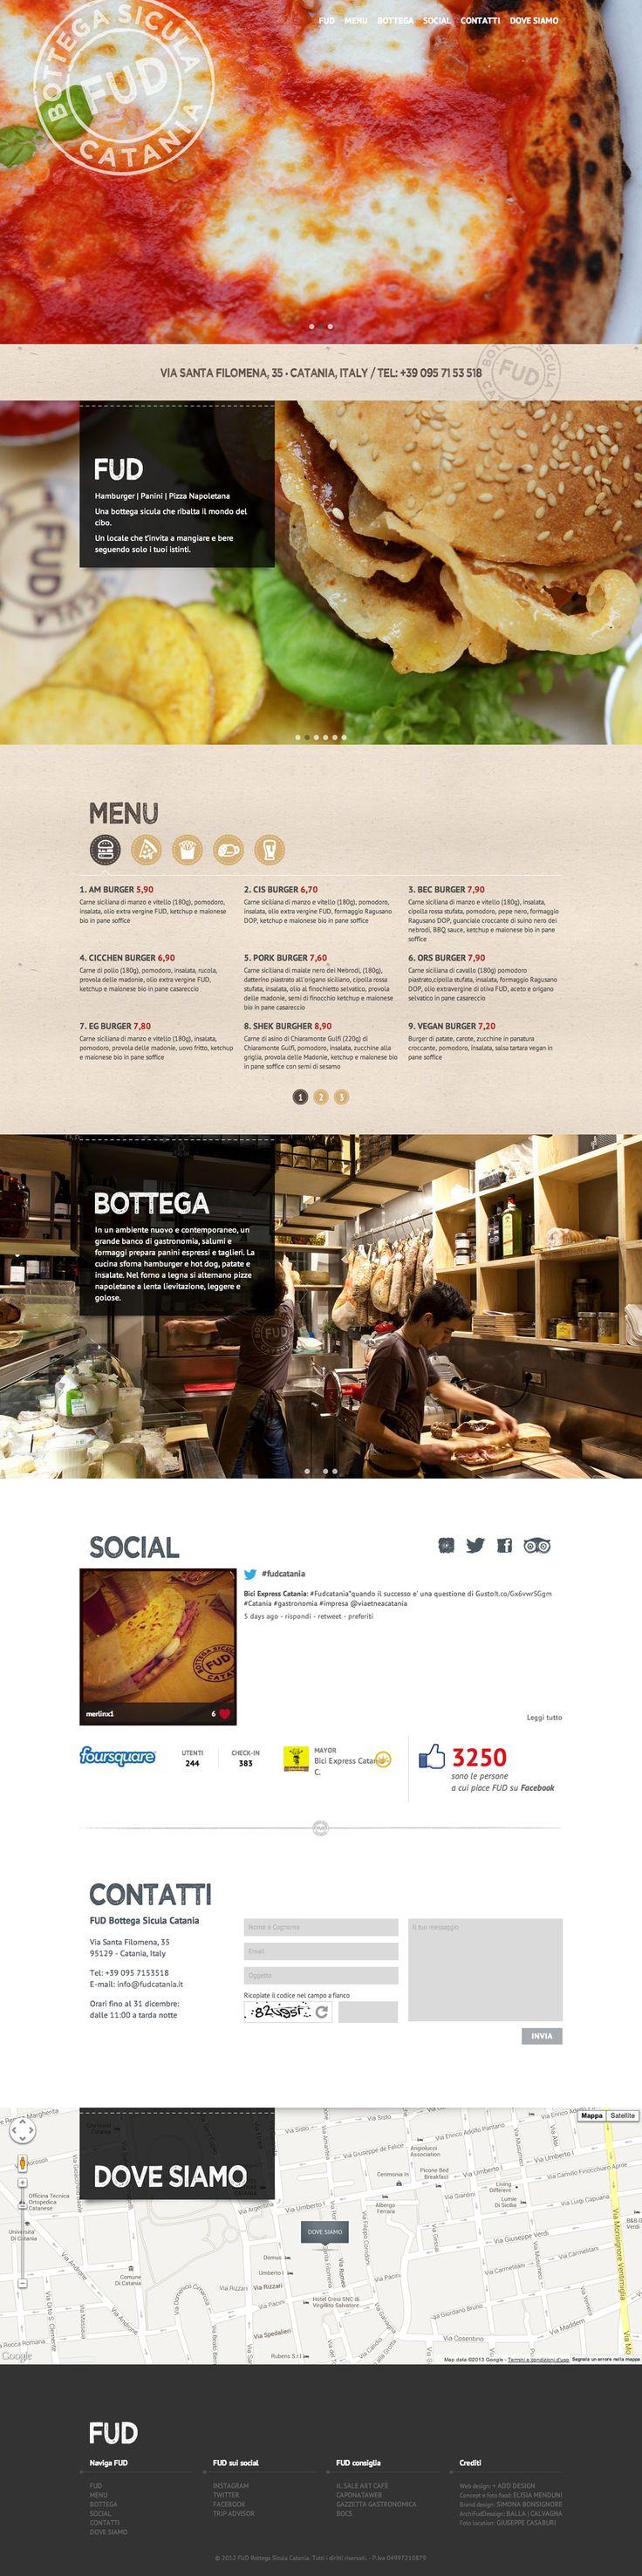 70 best Homepage Designs images on Pinterest | Design web, Website ...